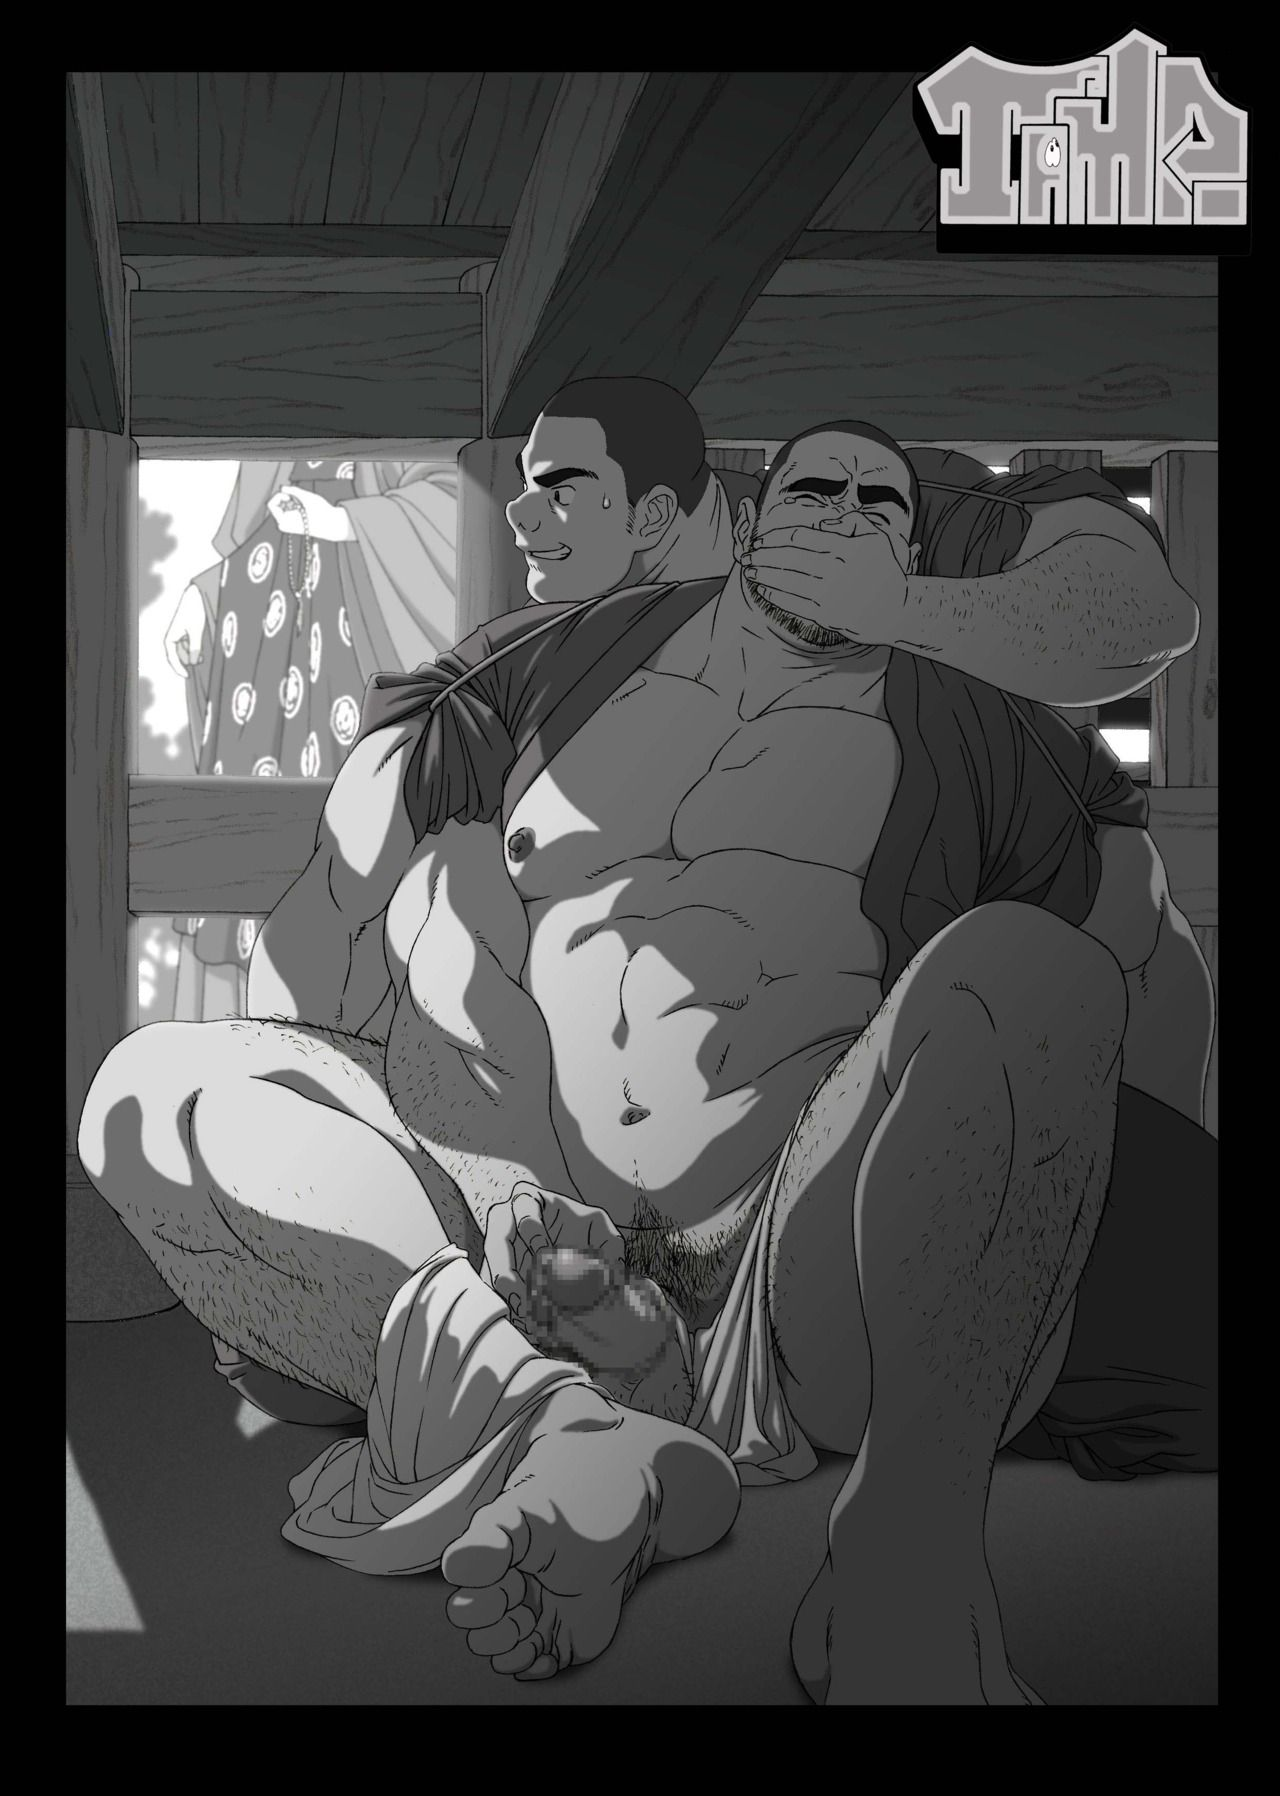 Sexy game fan art